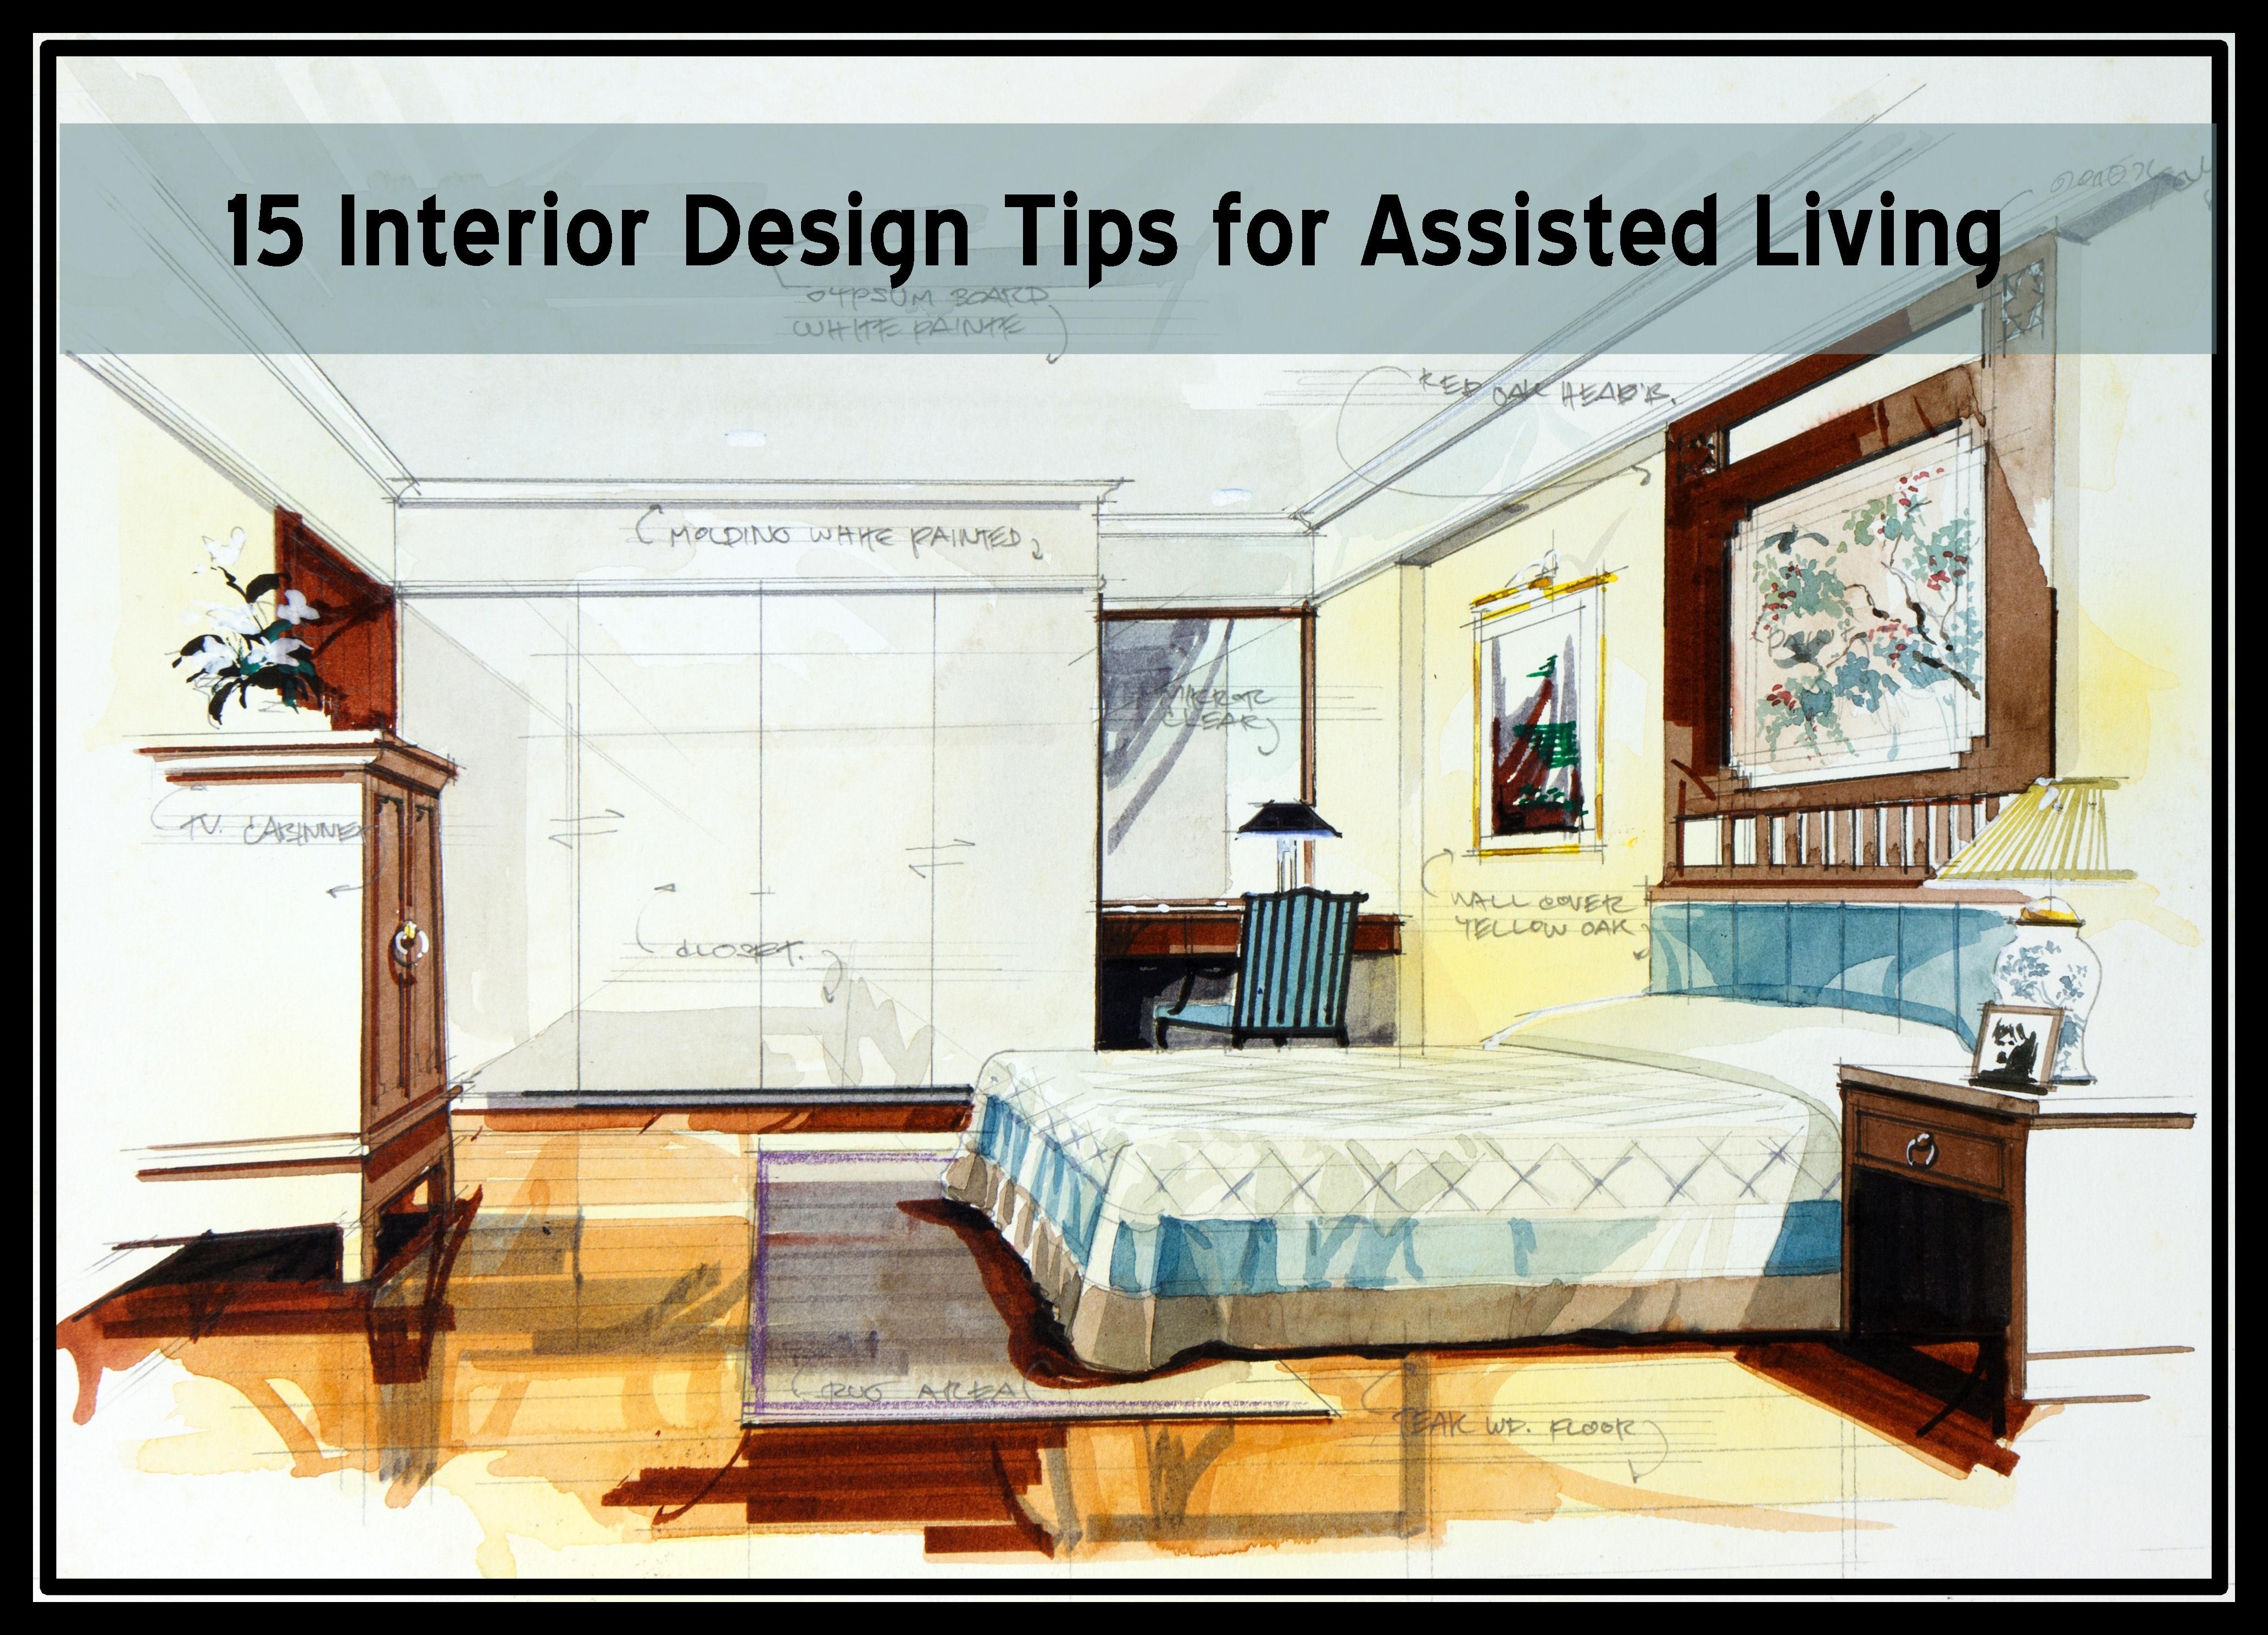 15_interior_design_tips-1.jpg